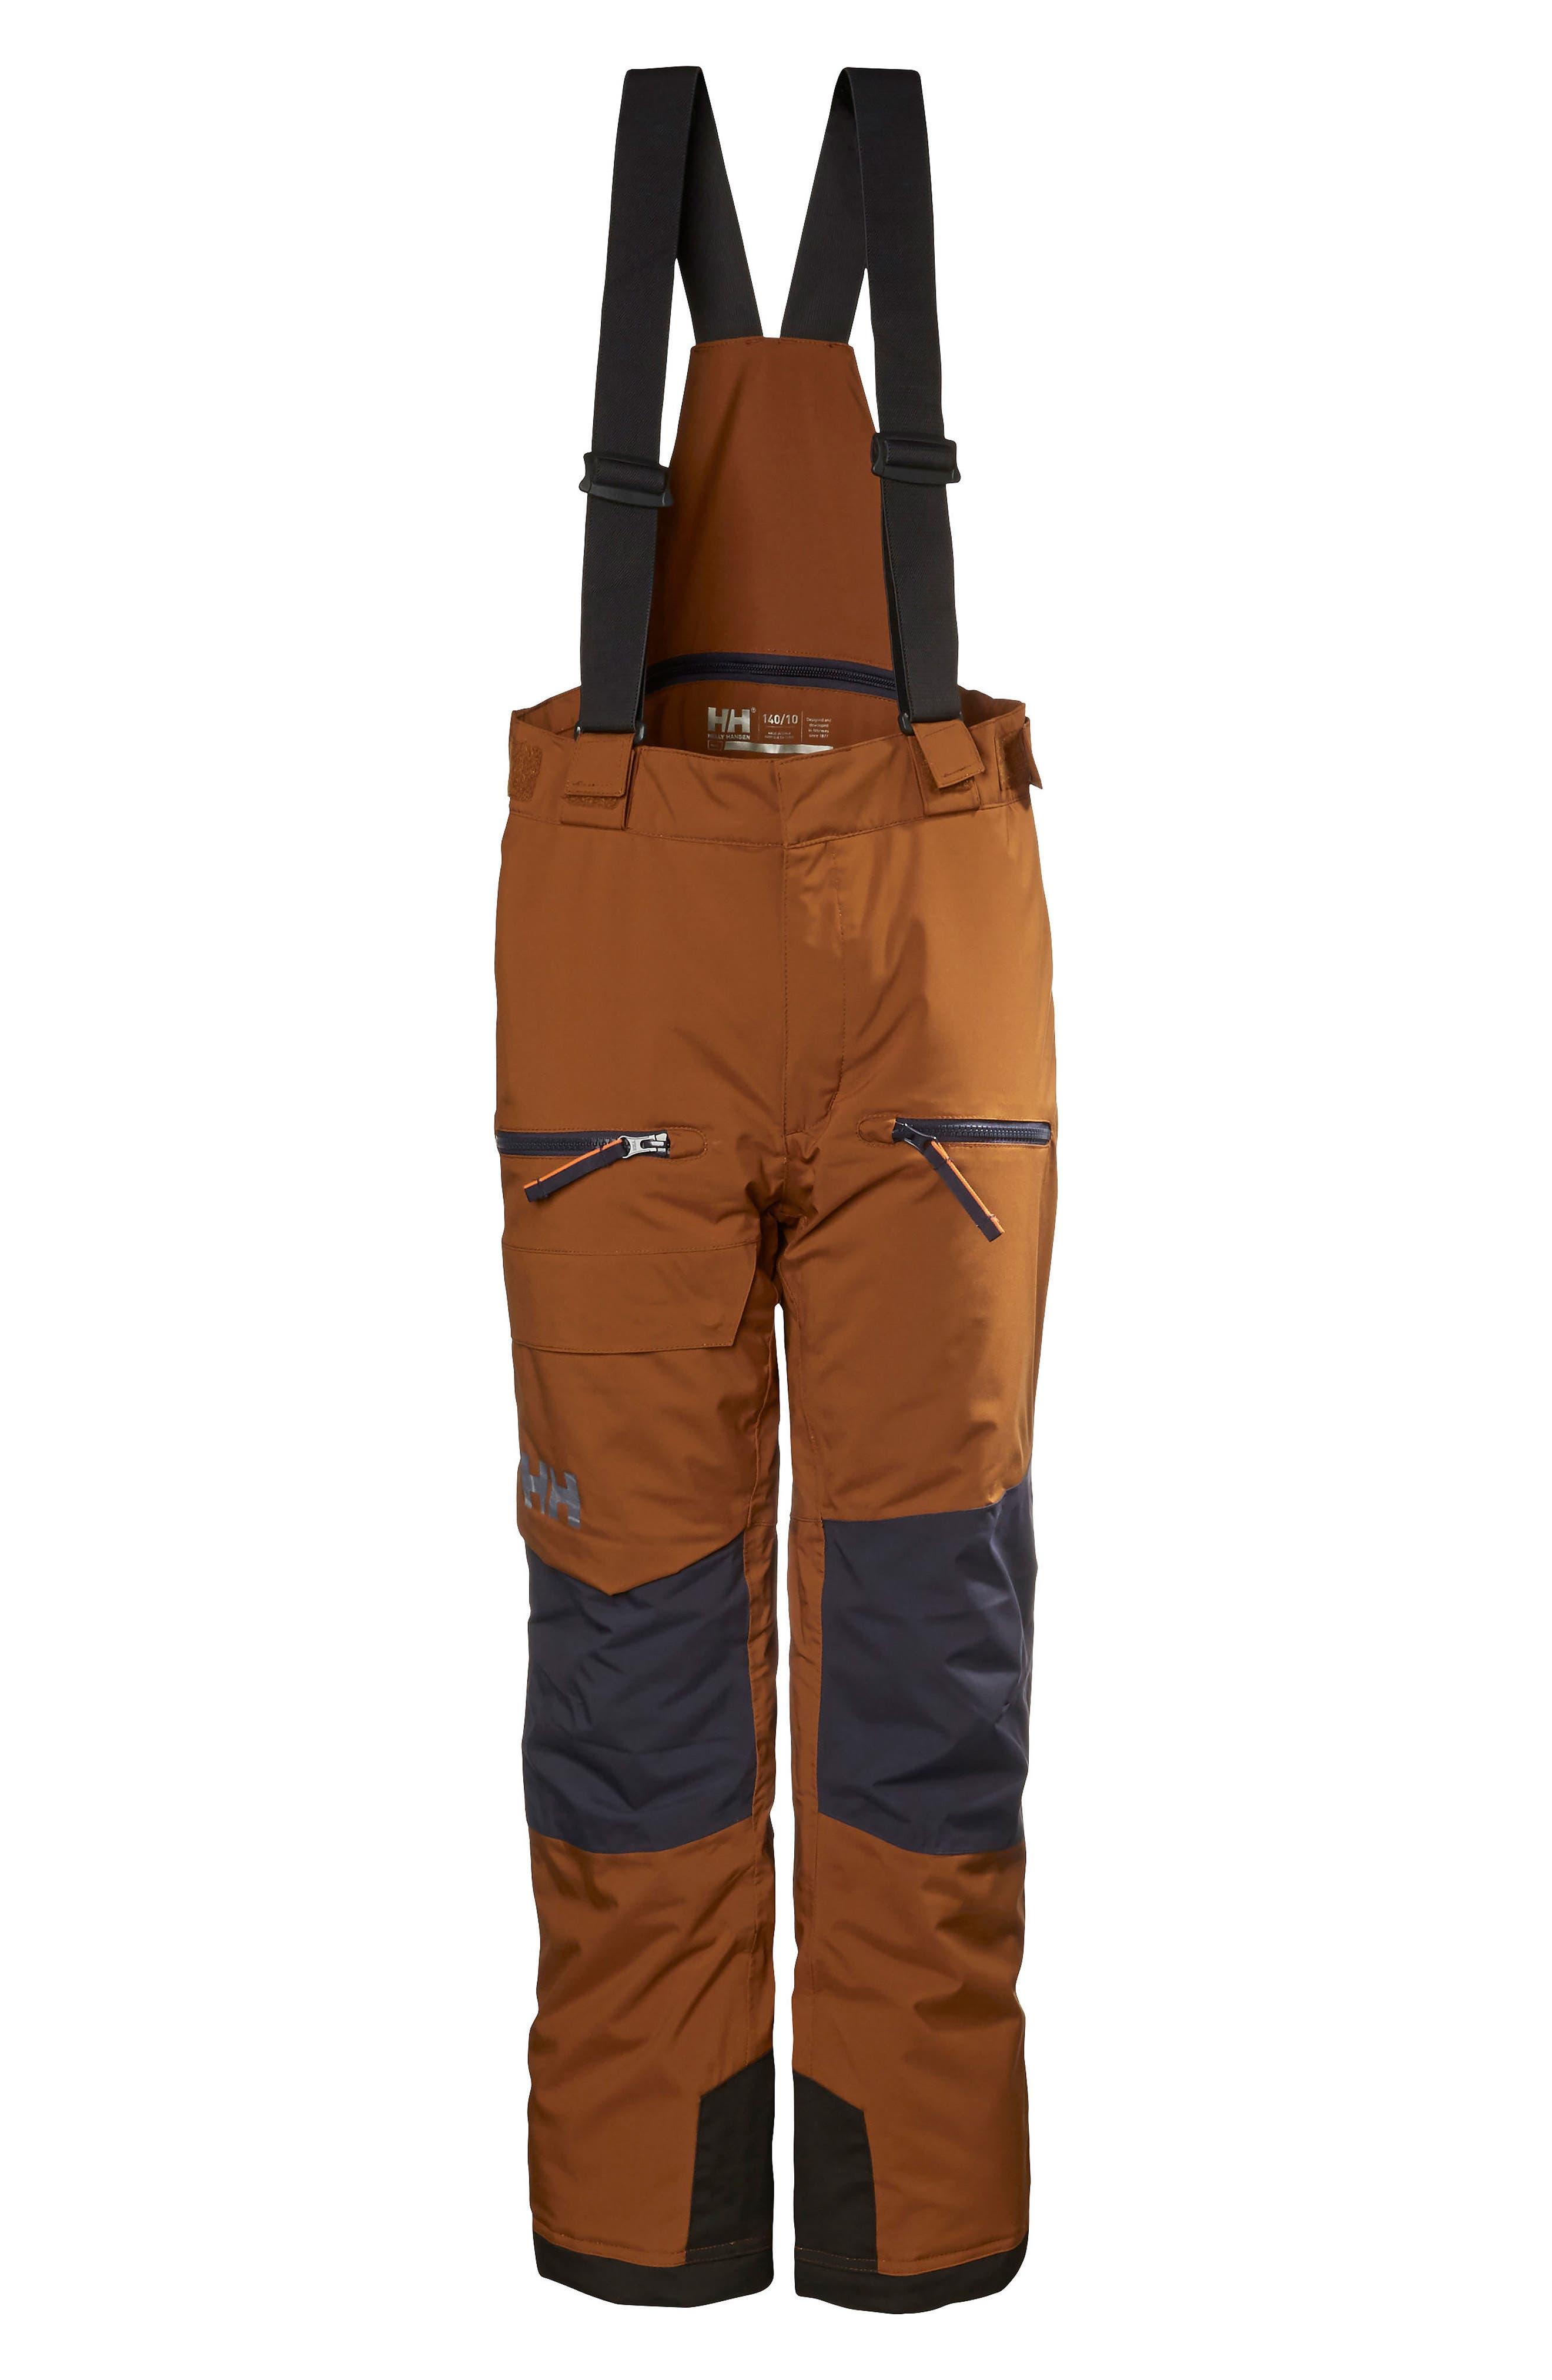 Jr. Powder Waterproof Ski Pants,                         Main,                         color, 201